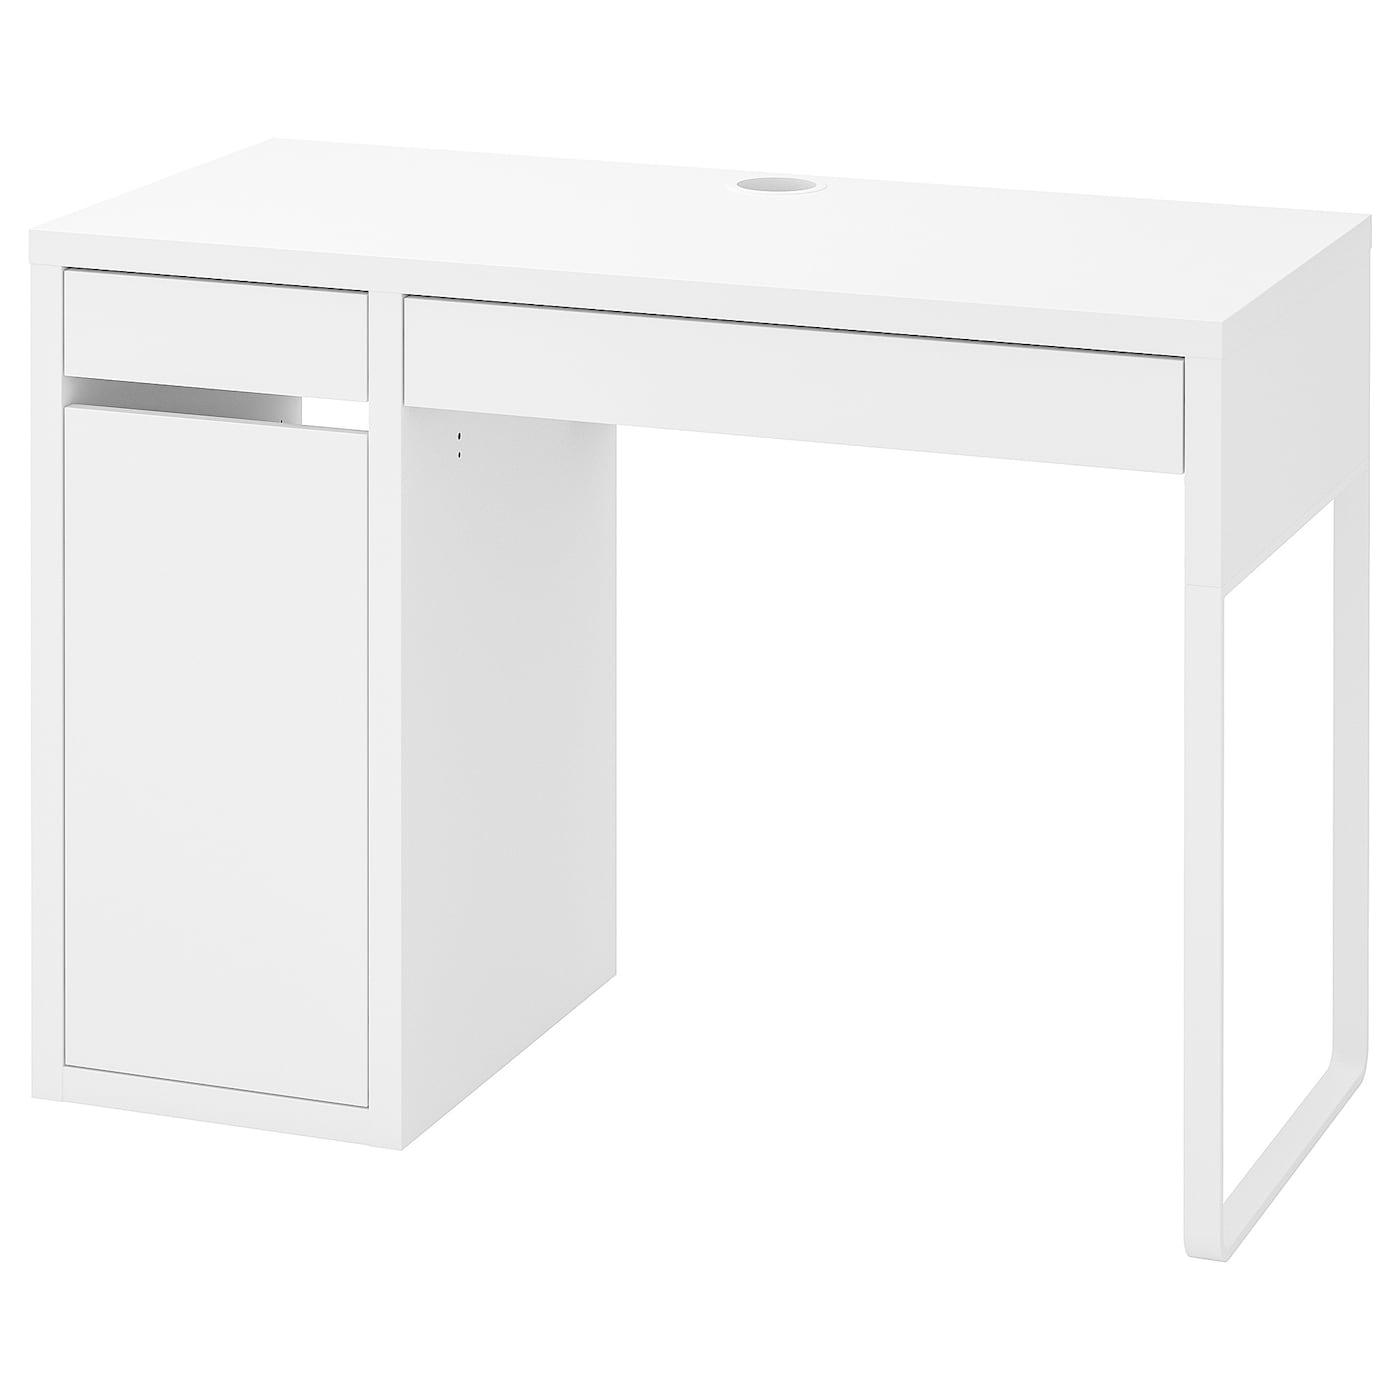 MICKE Skrivbord, vit, 105x50 cm Spara till inköpslista(n